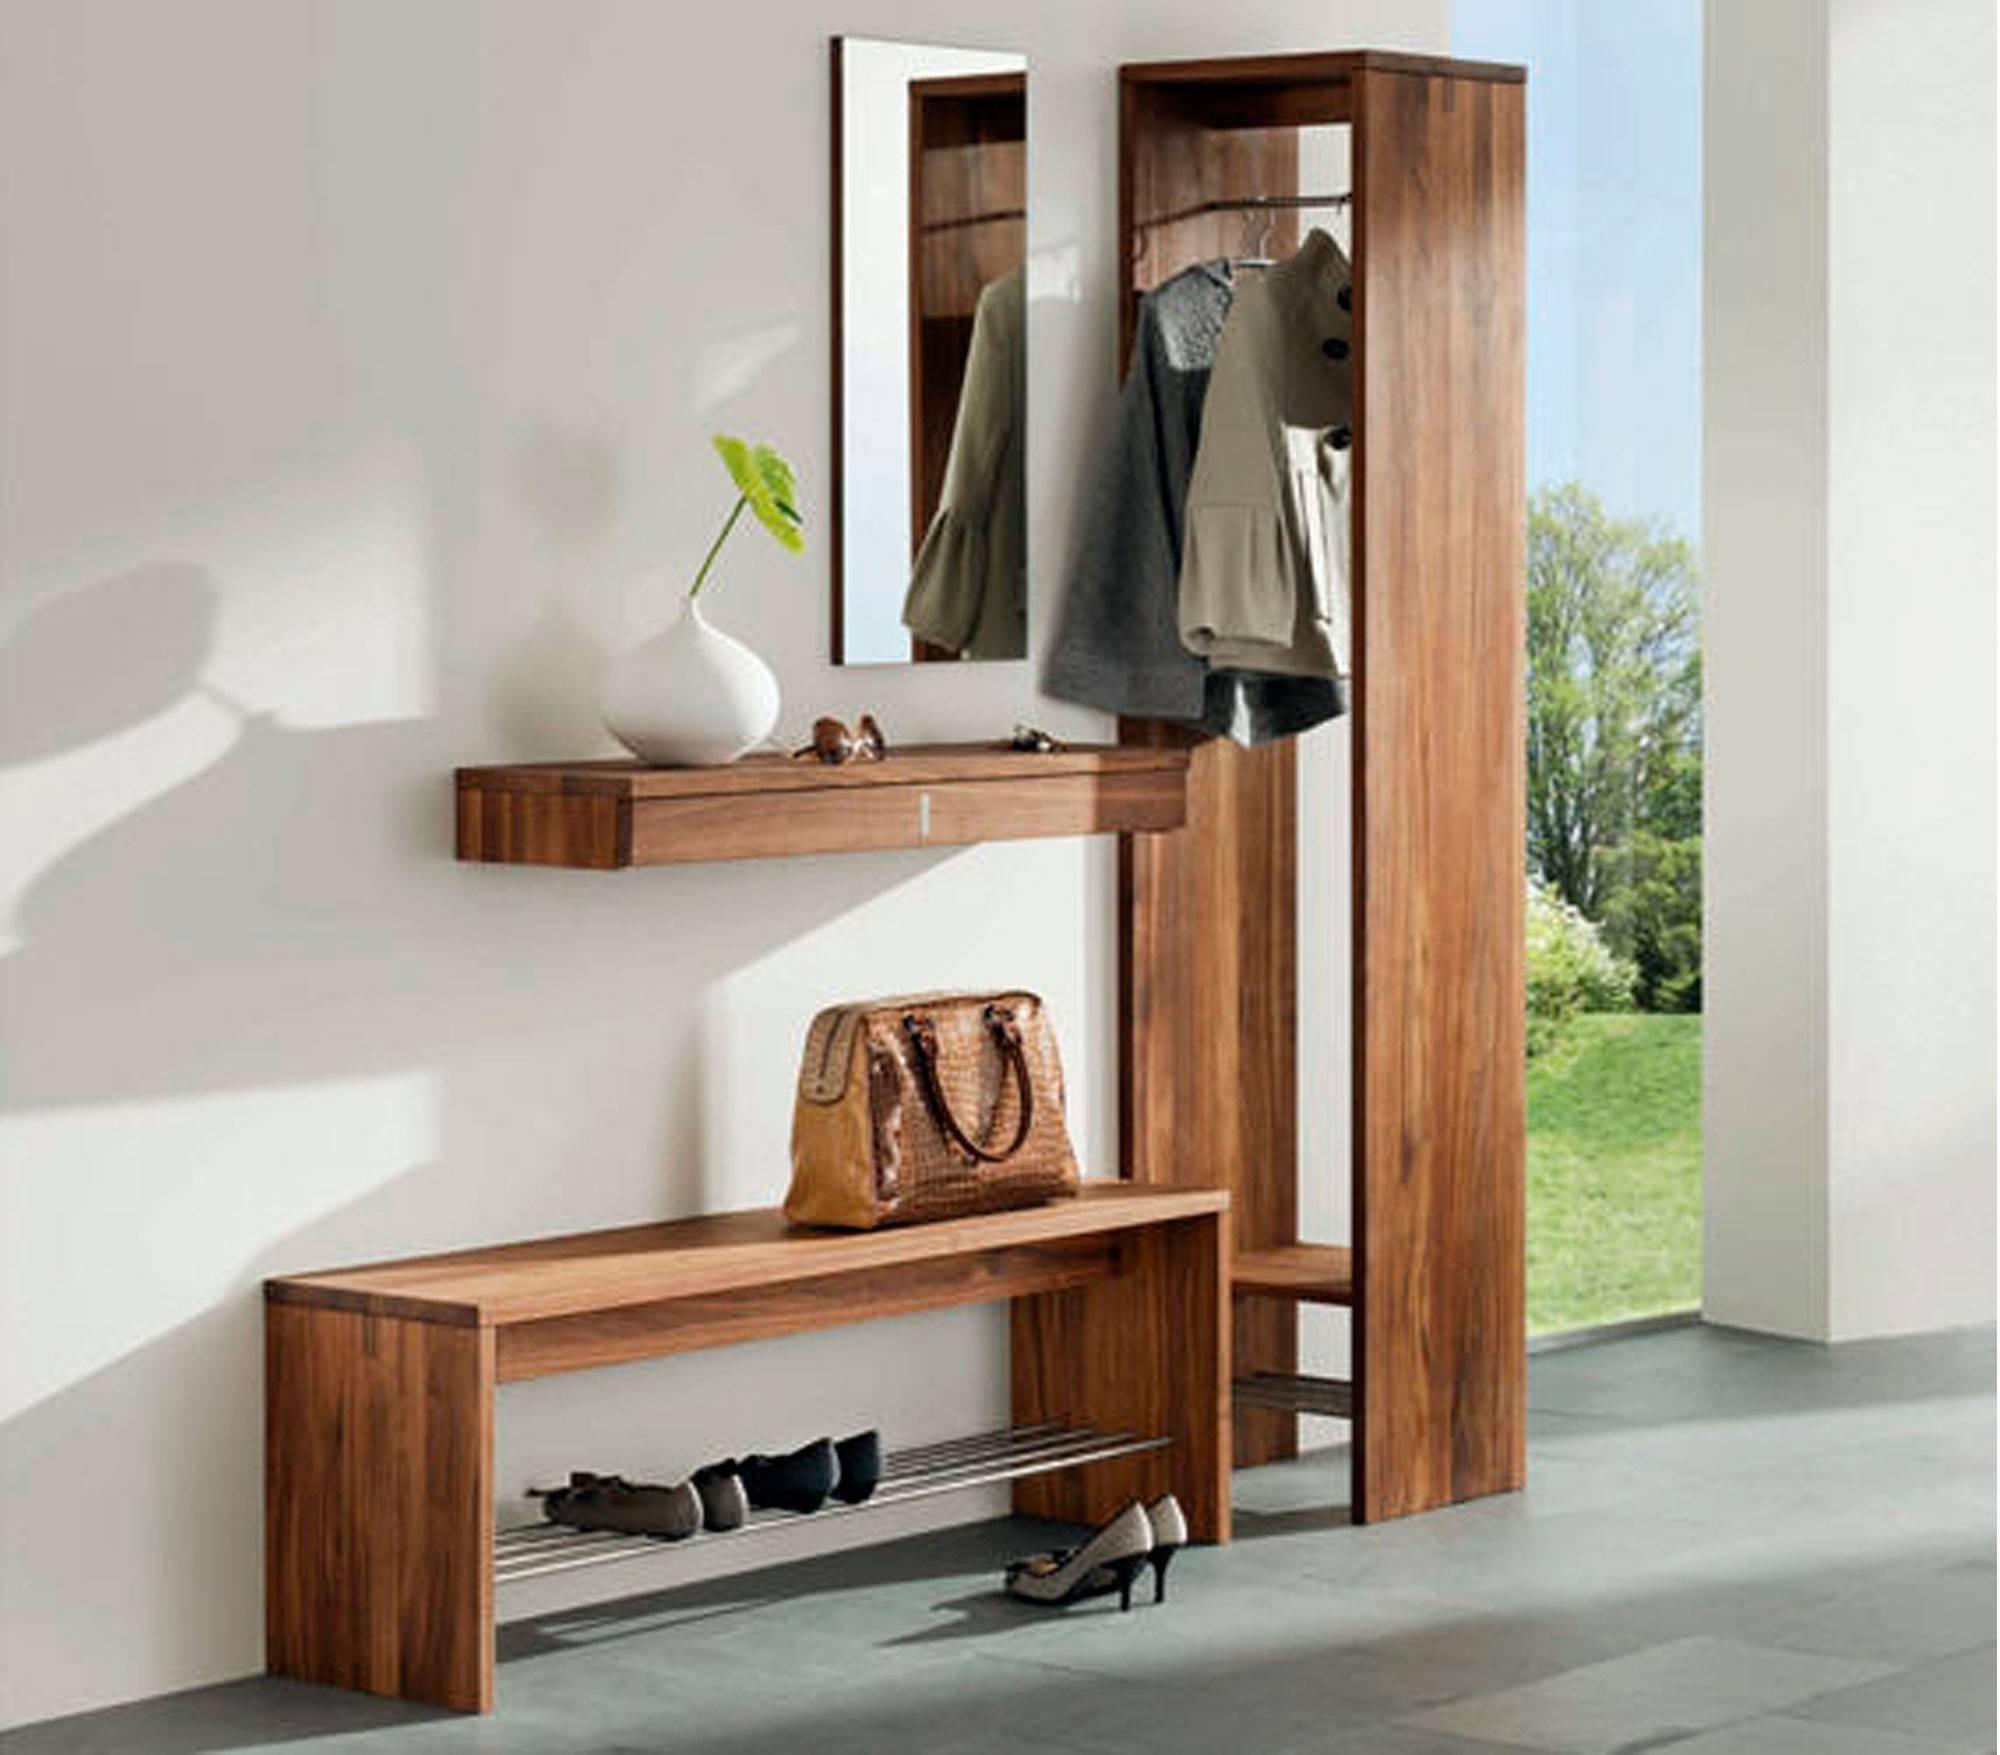 Как подобрать мебель в коридор - материалы, цвет и дизайнерское направление ?